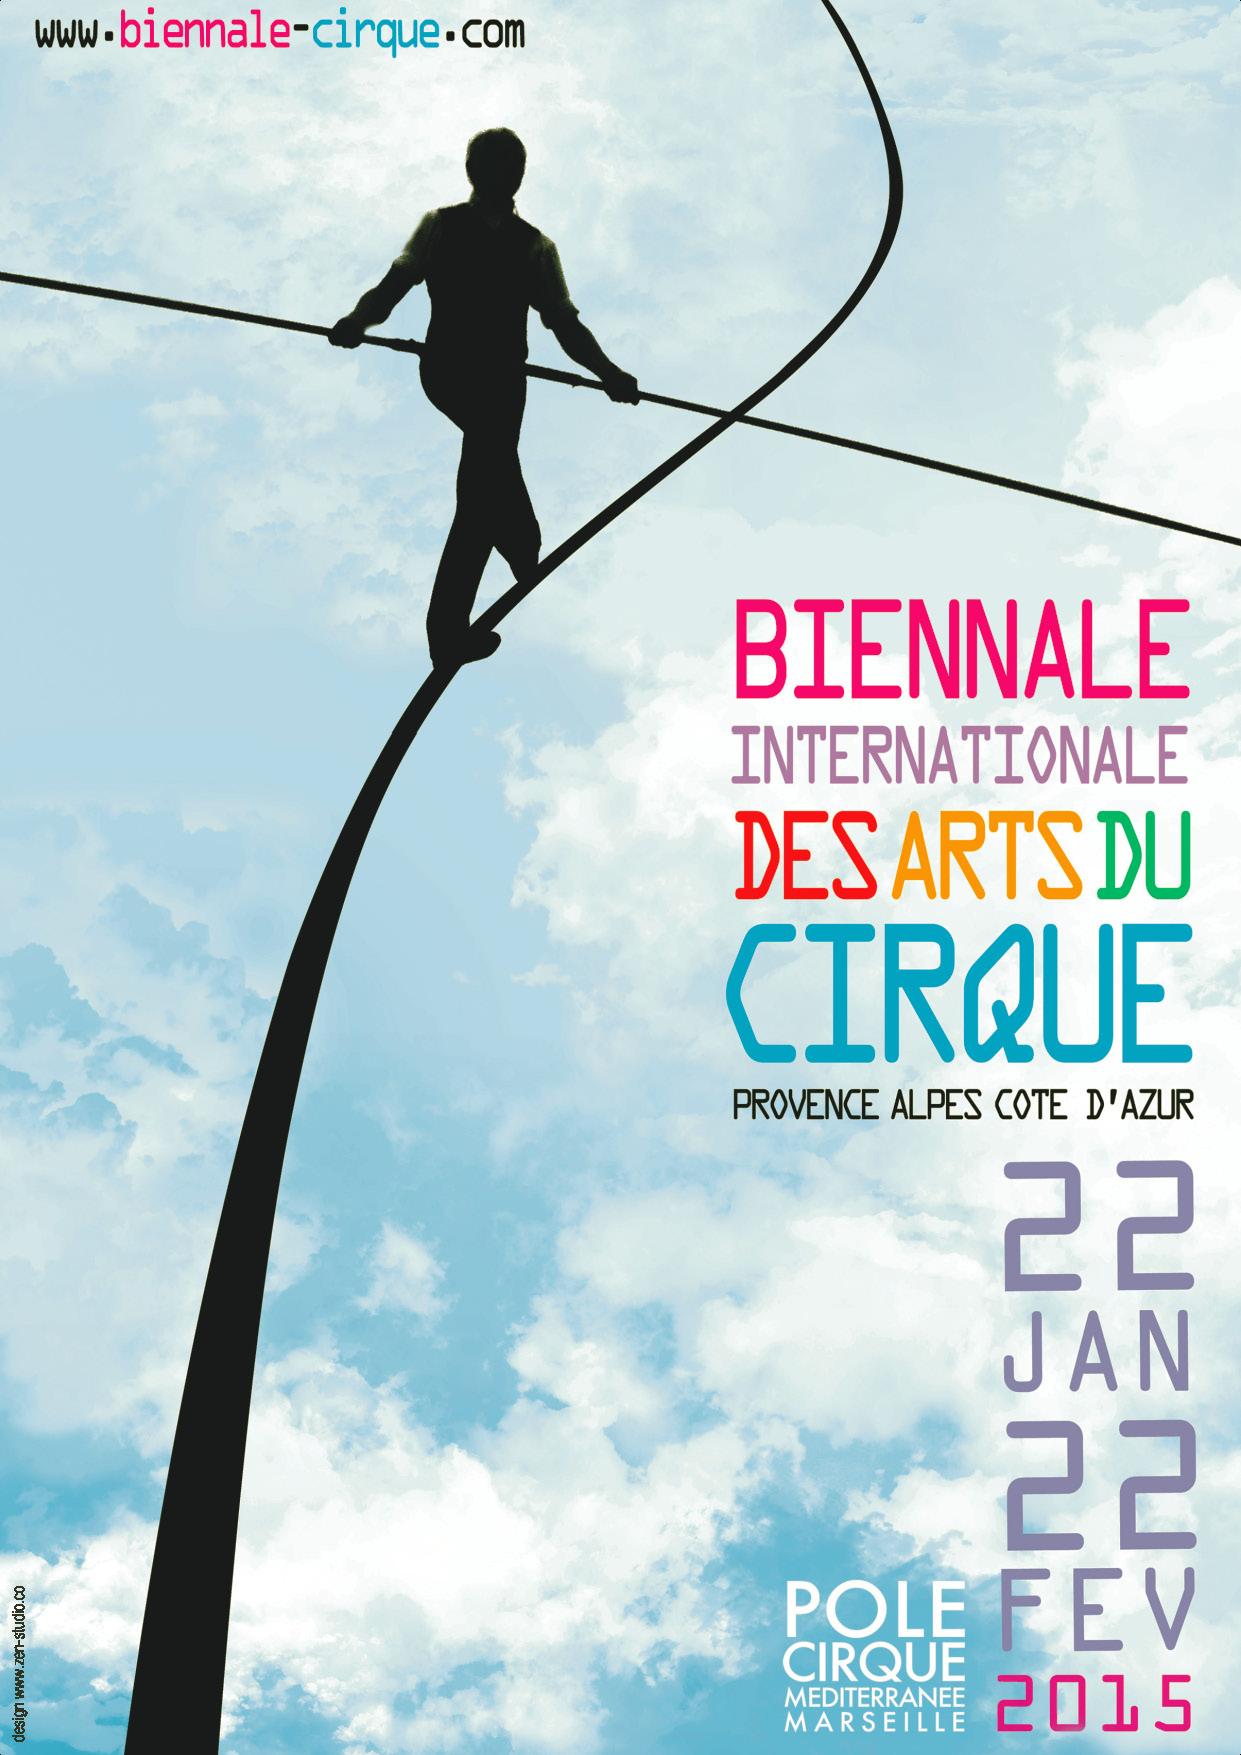 BIENNALE cirque 2015 visuel